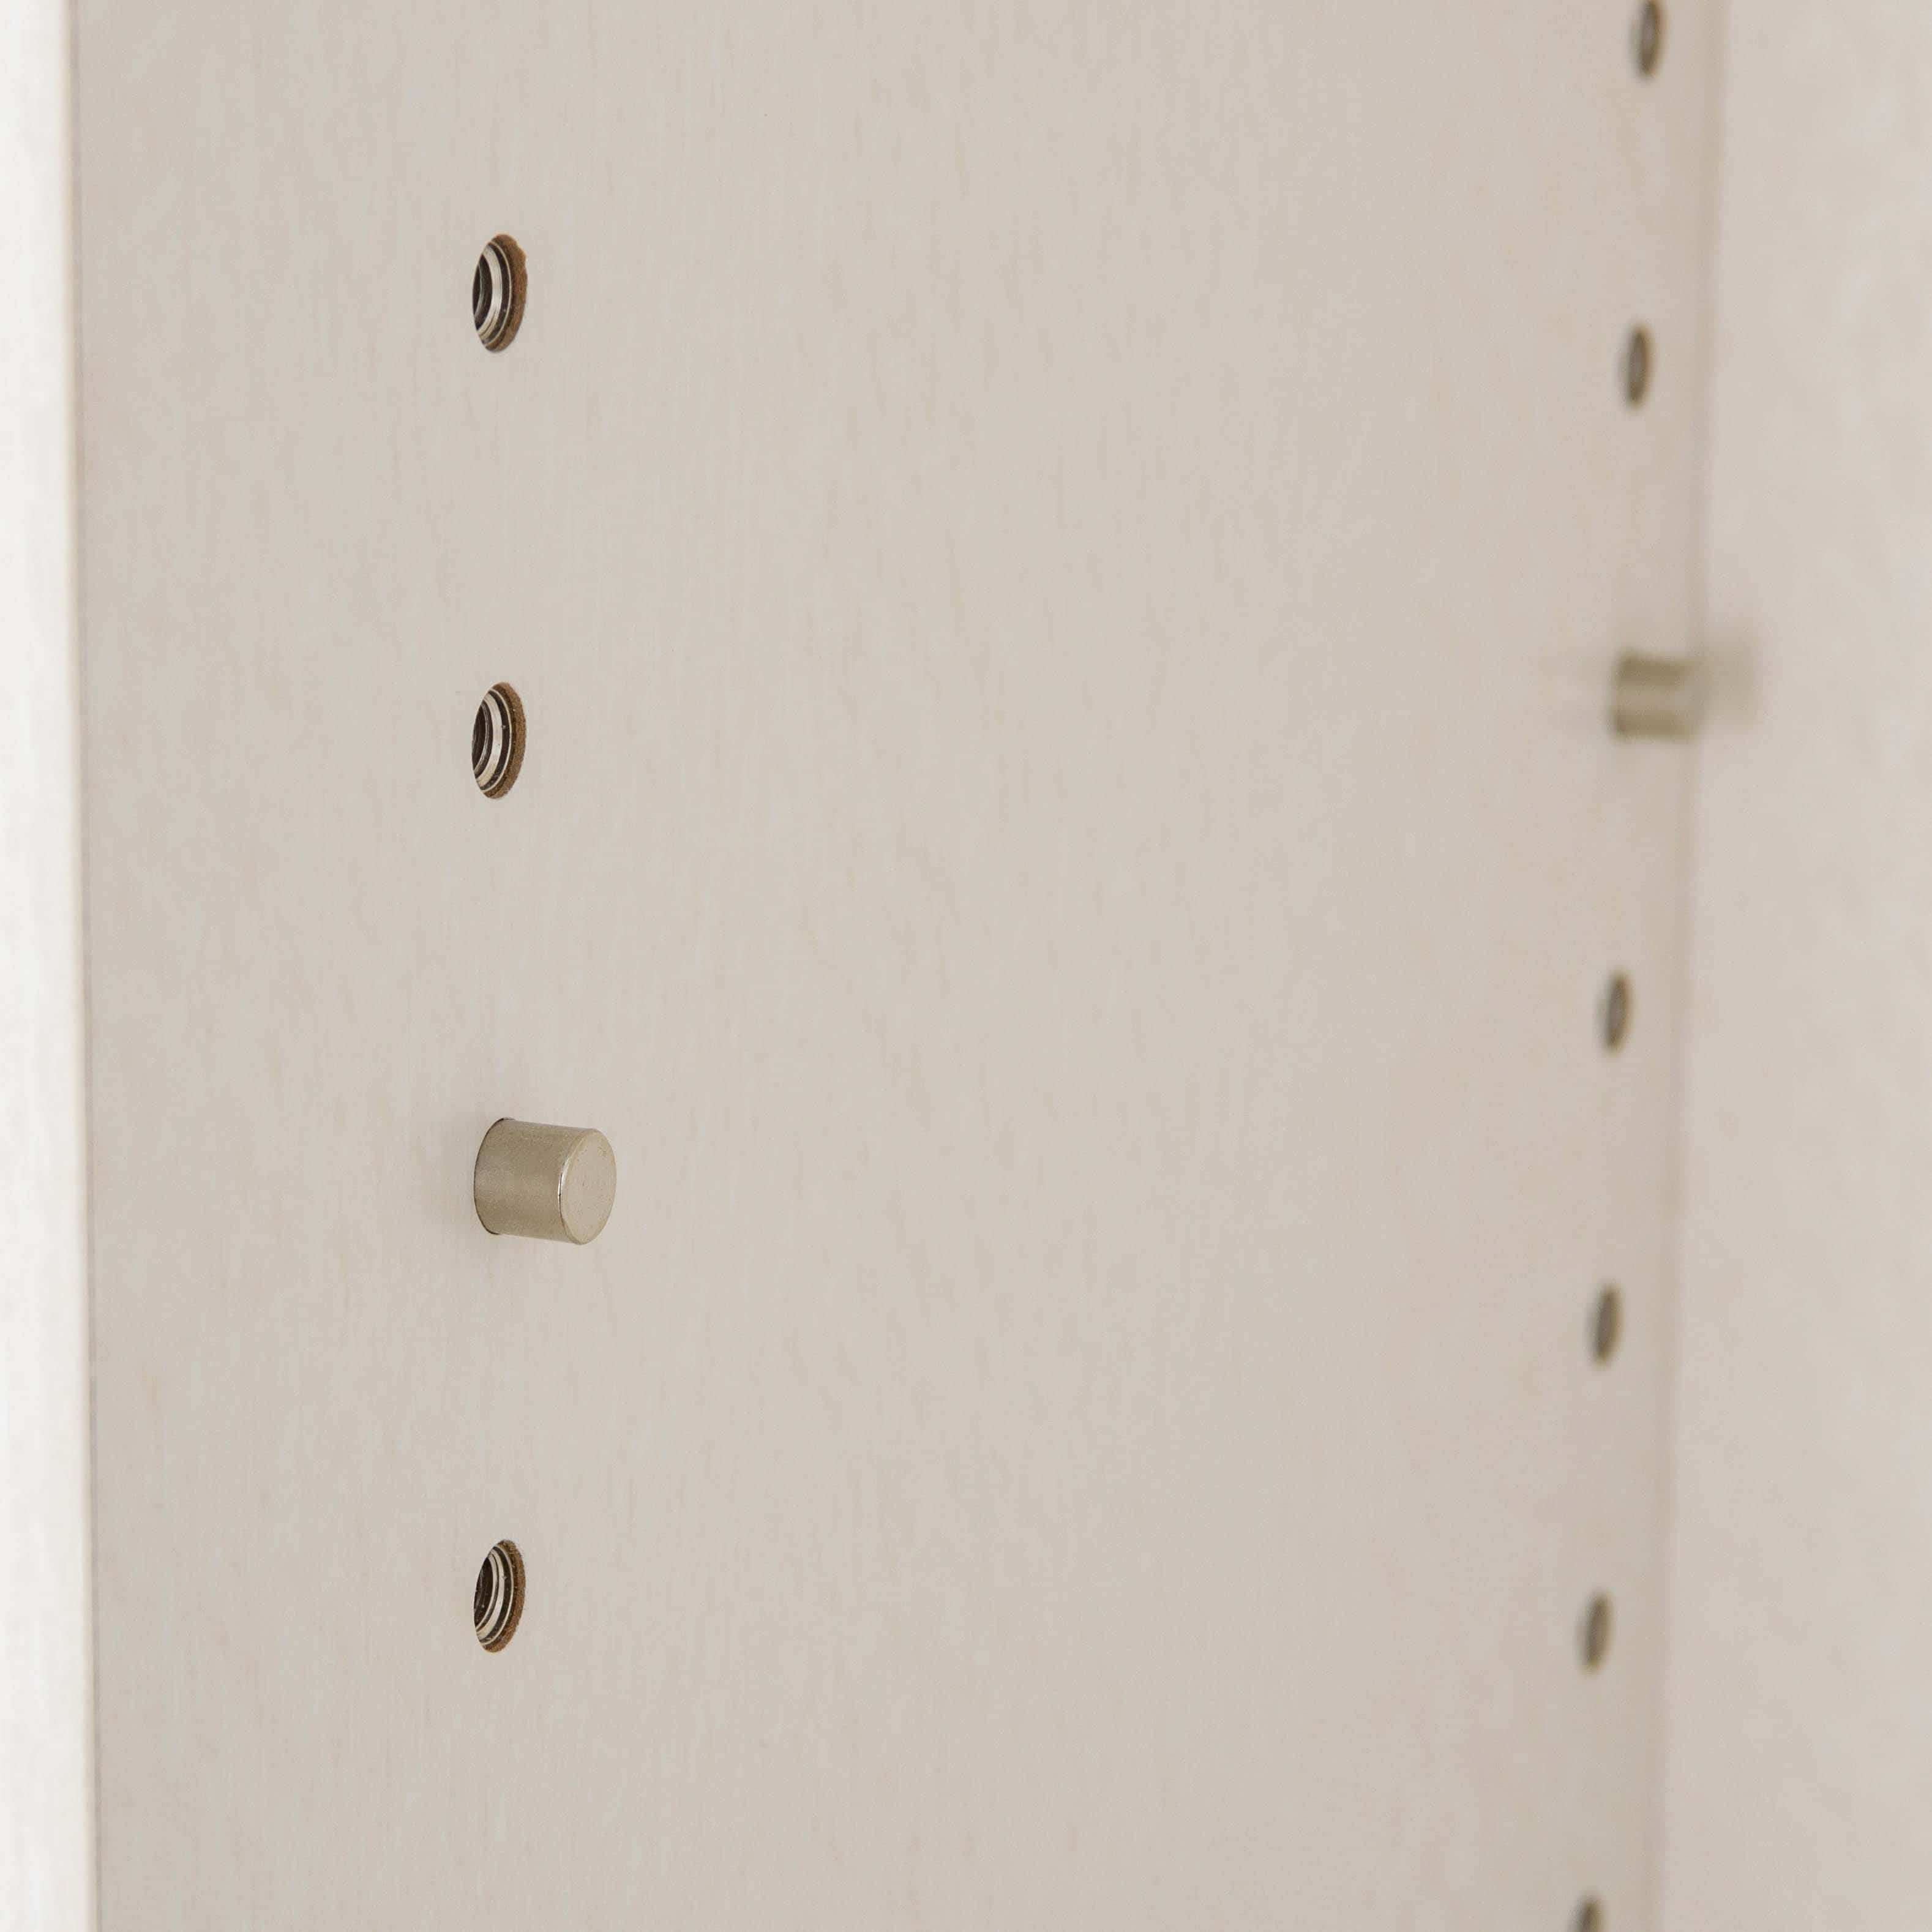 小島工芸 上置 アコード70A(ホワイト):キレイに収まる魅せる収納